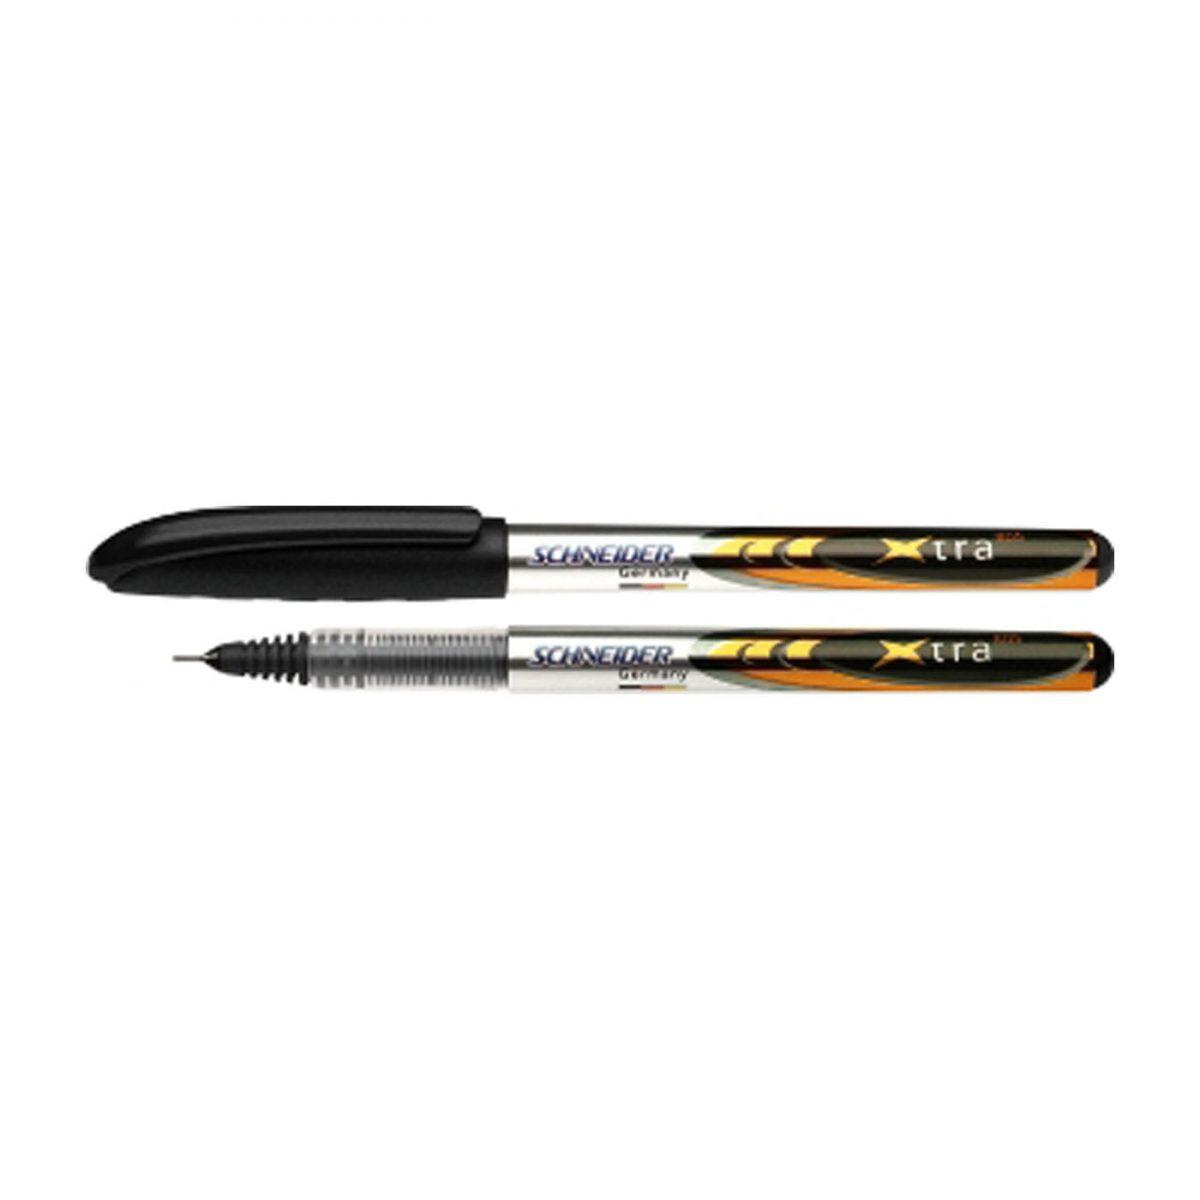 Roller cu cerneala SCHNEIDER Xtra 805, needle point 0.5mm